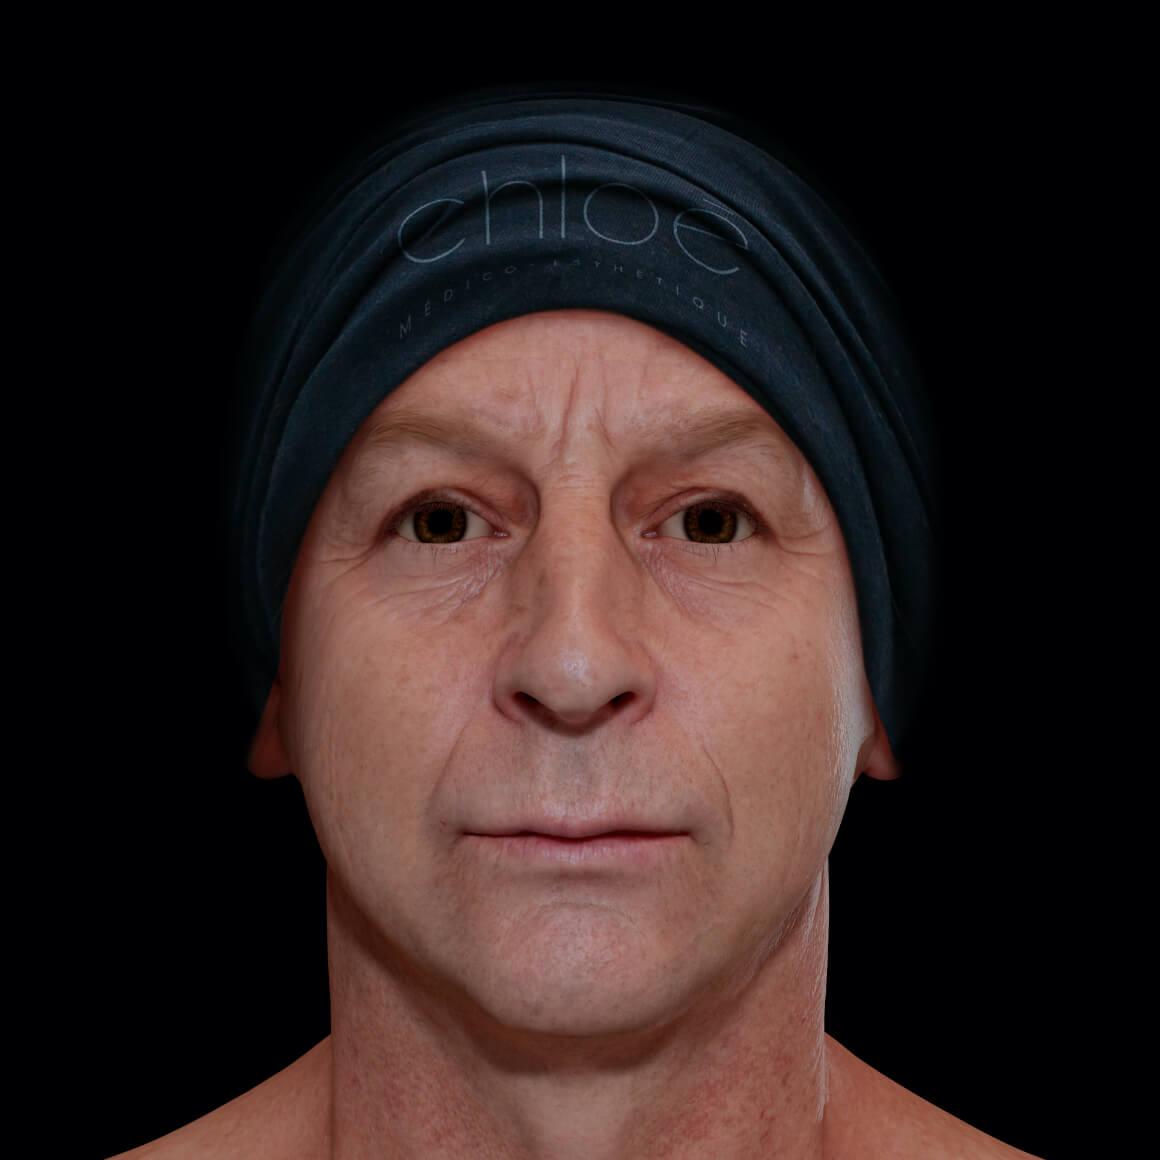 Patient de la Clinique Chloé vu de face après des traitements au laser fractionné pour le relâchement cutané du visage